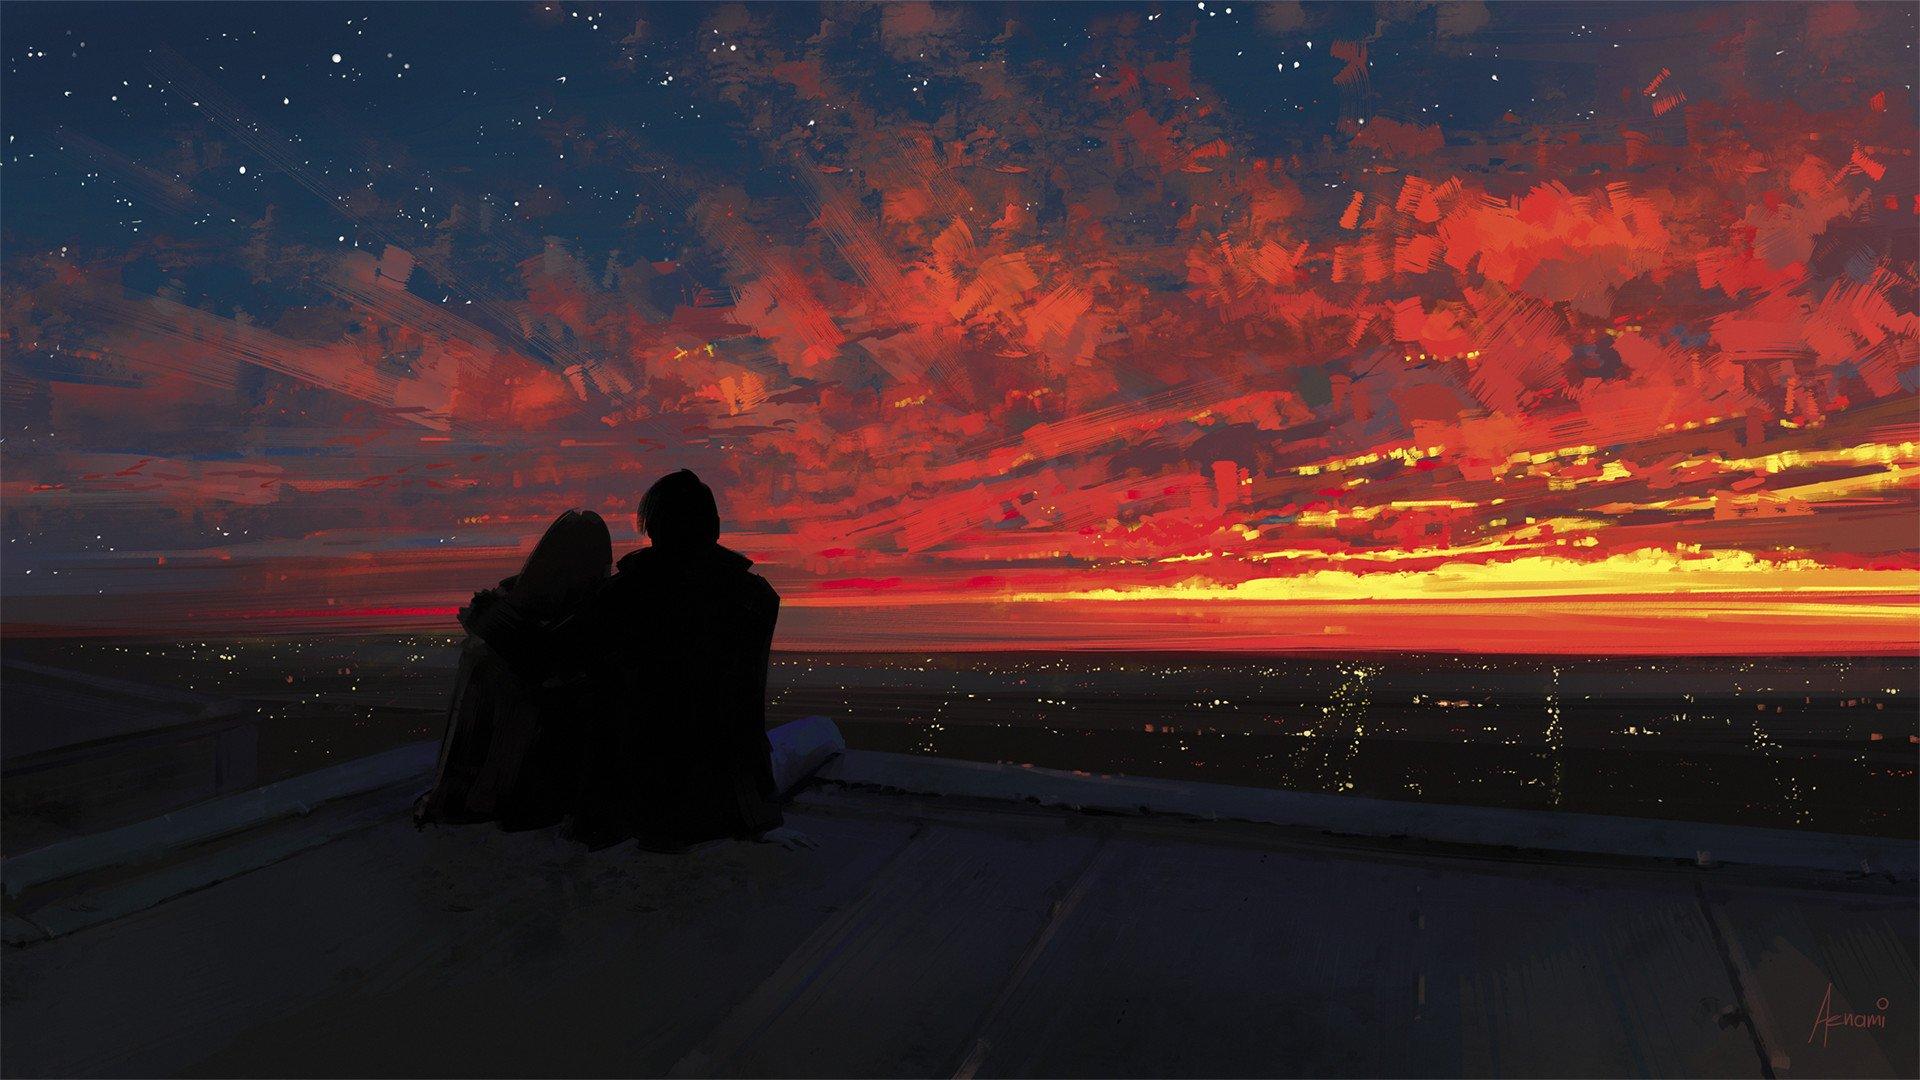 Открытка планы на жизнь встретить тебя уехать с тобой в закат